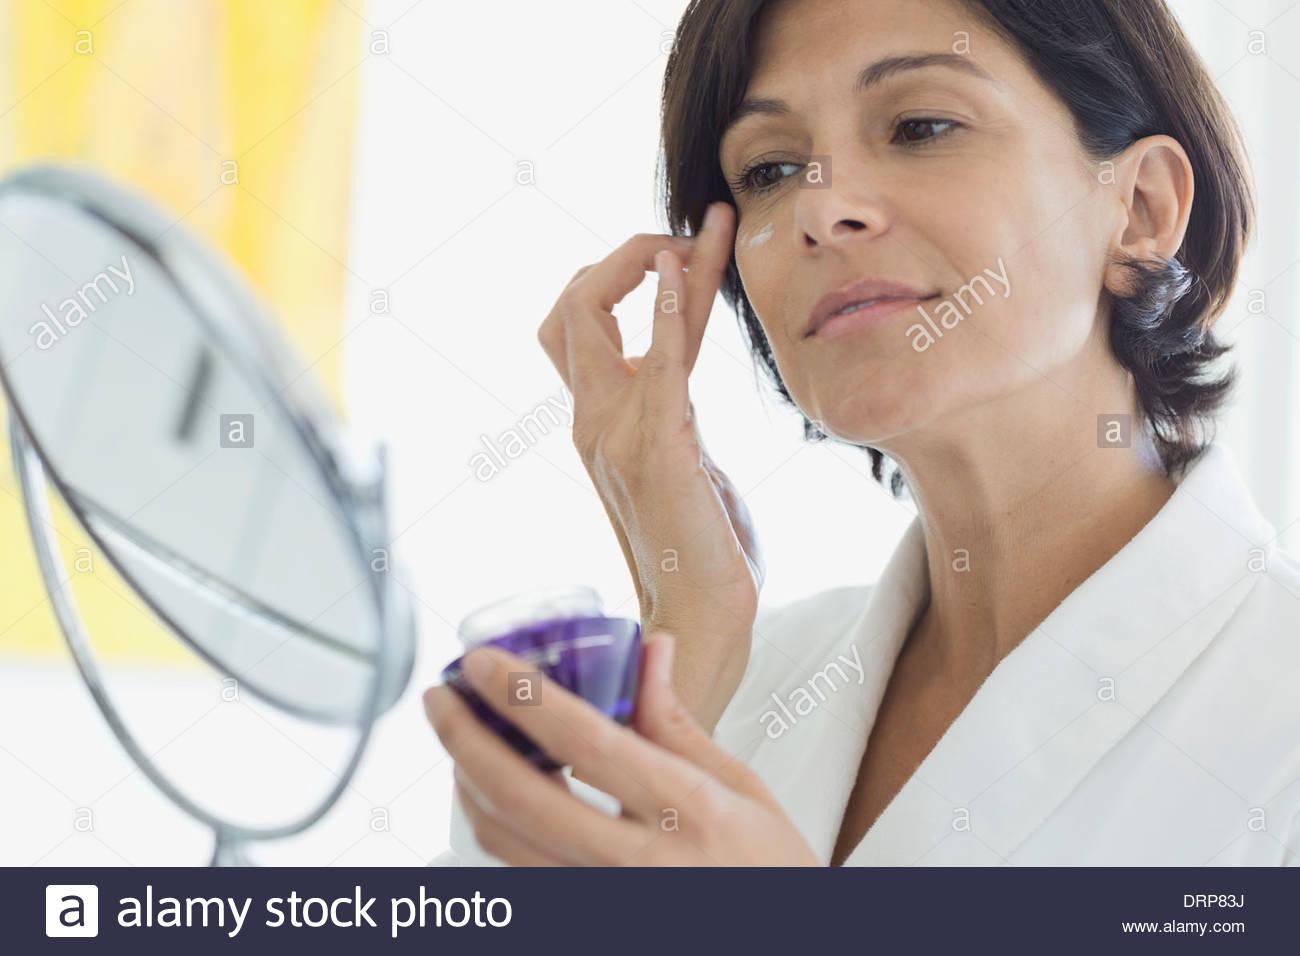 Woman applying eye cream - Stock Image